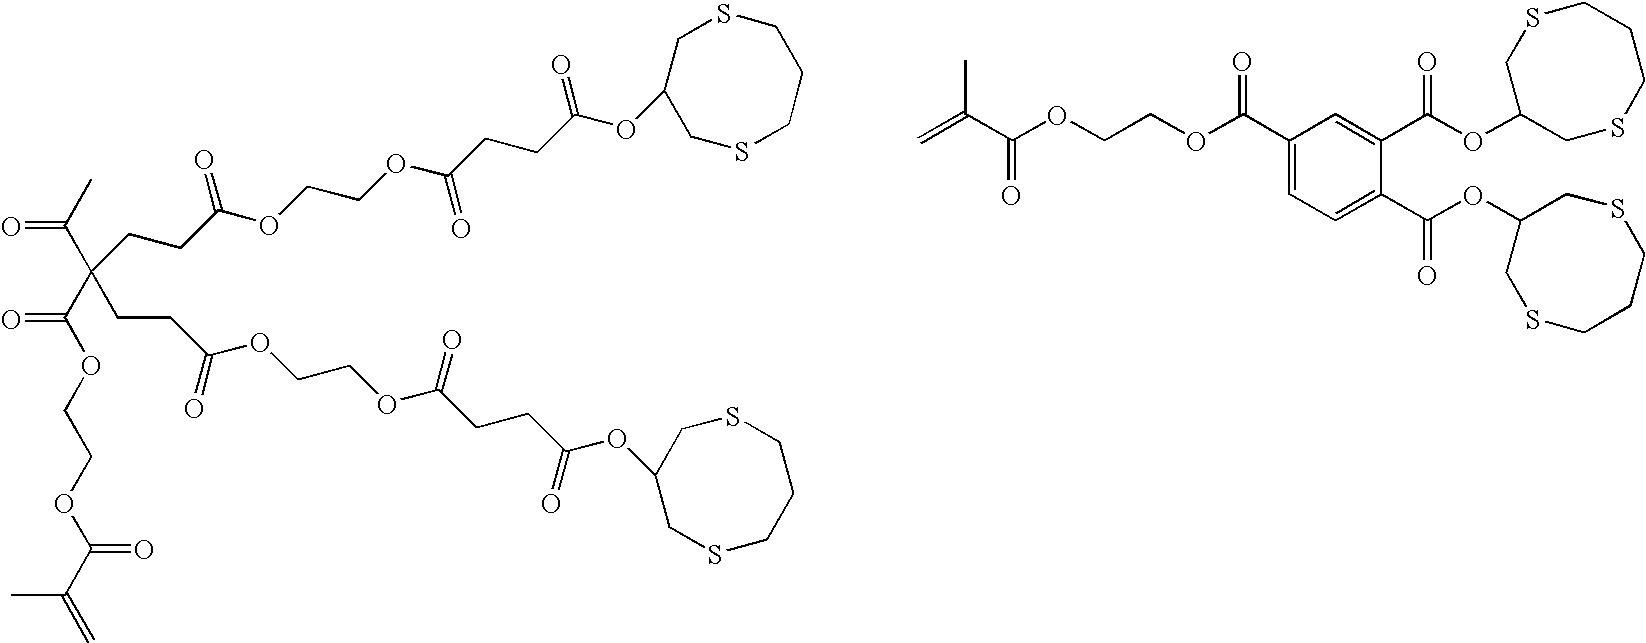 Figure US07495054-20090224-C00005